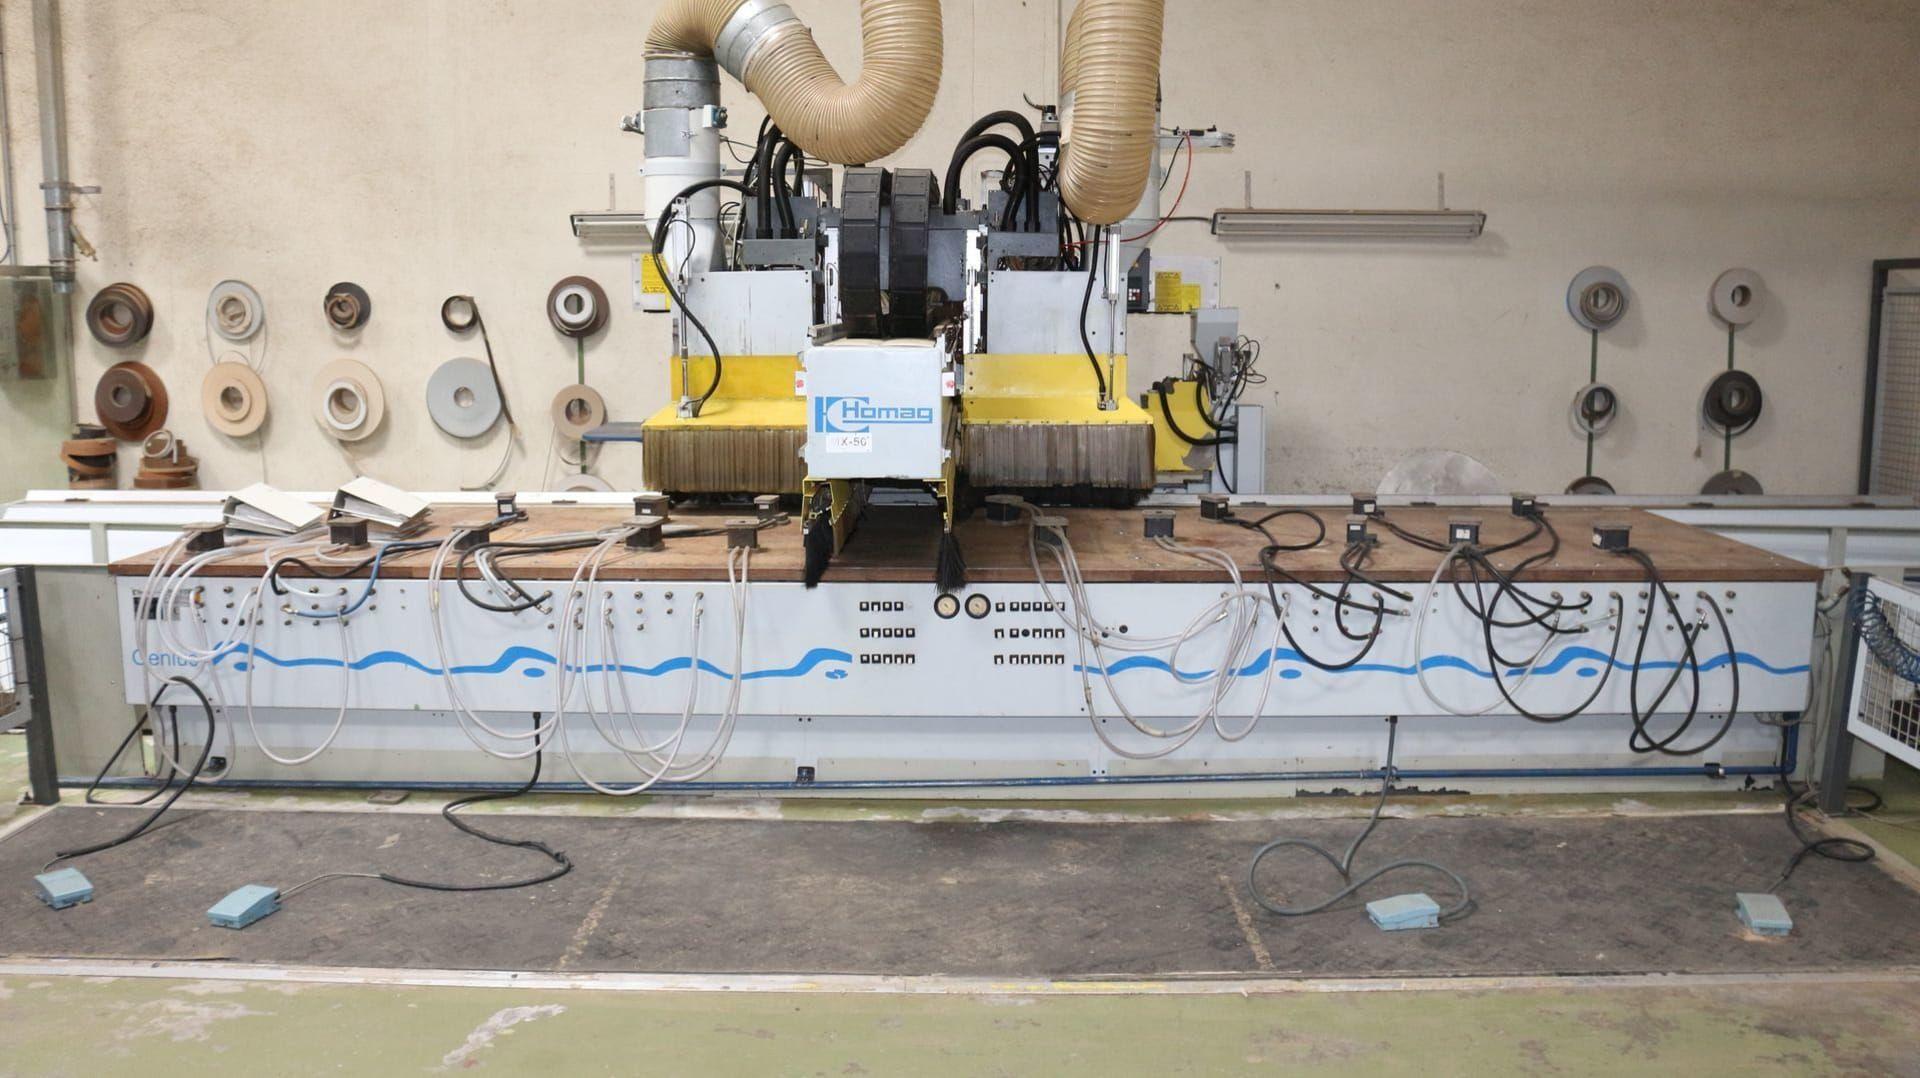 HOMAG BAZ 20 50 14 2 G CNC-Bearbeitungszentrum mit Kantenanleimgerät